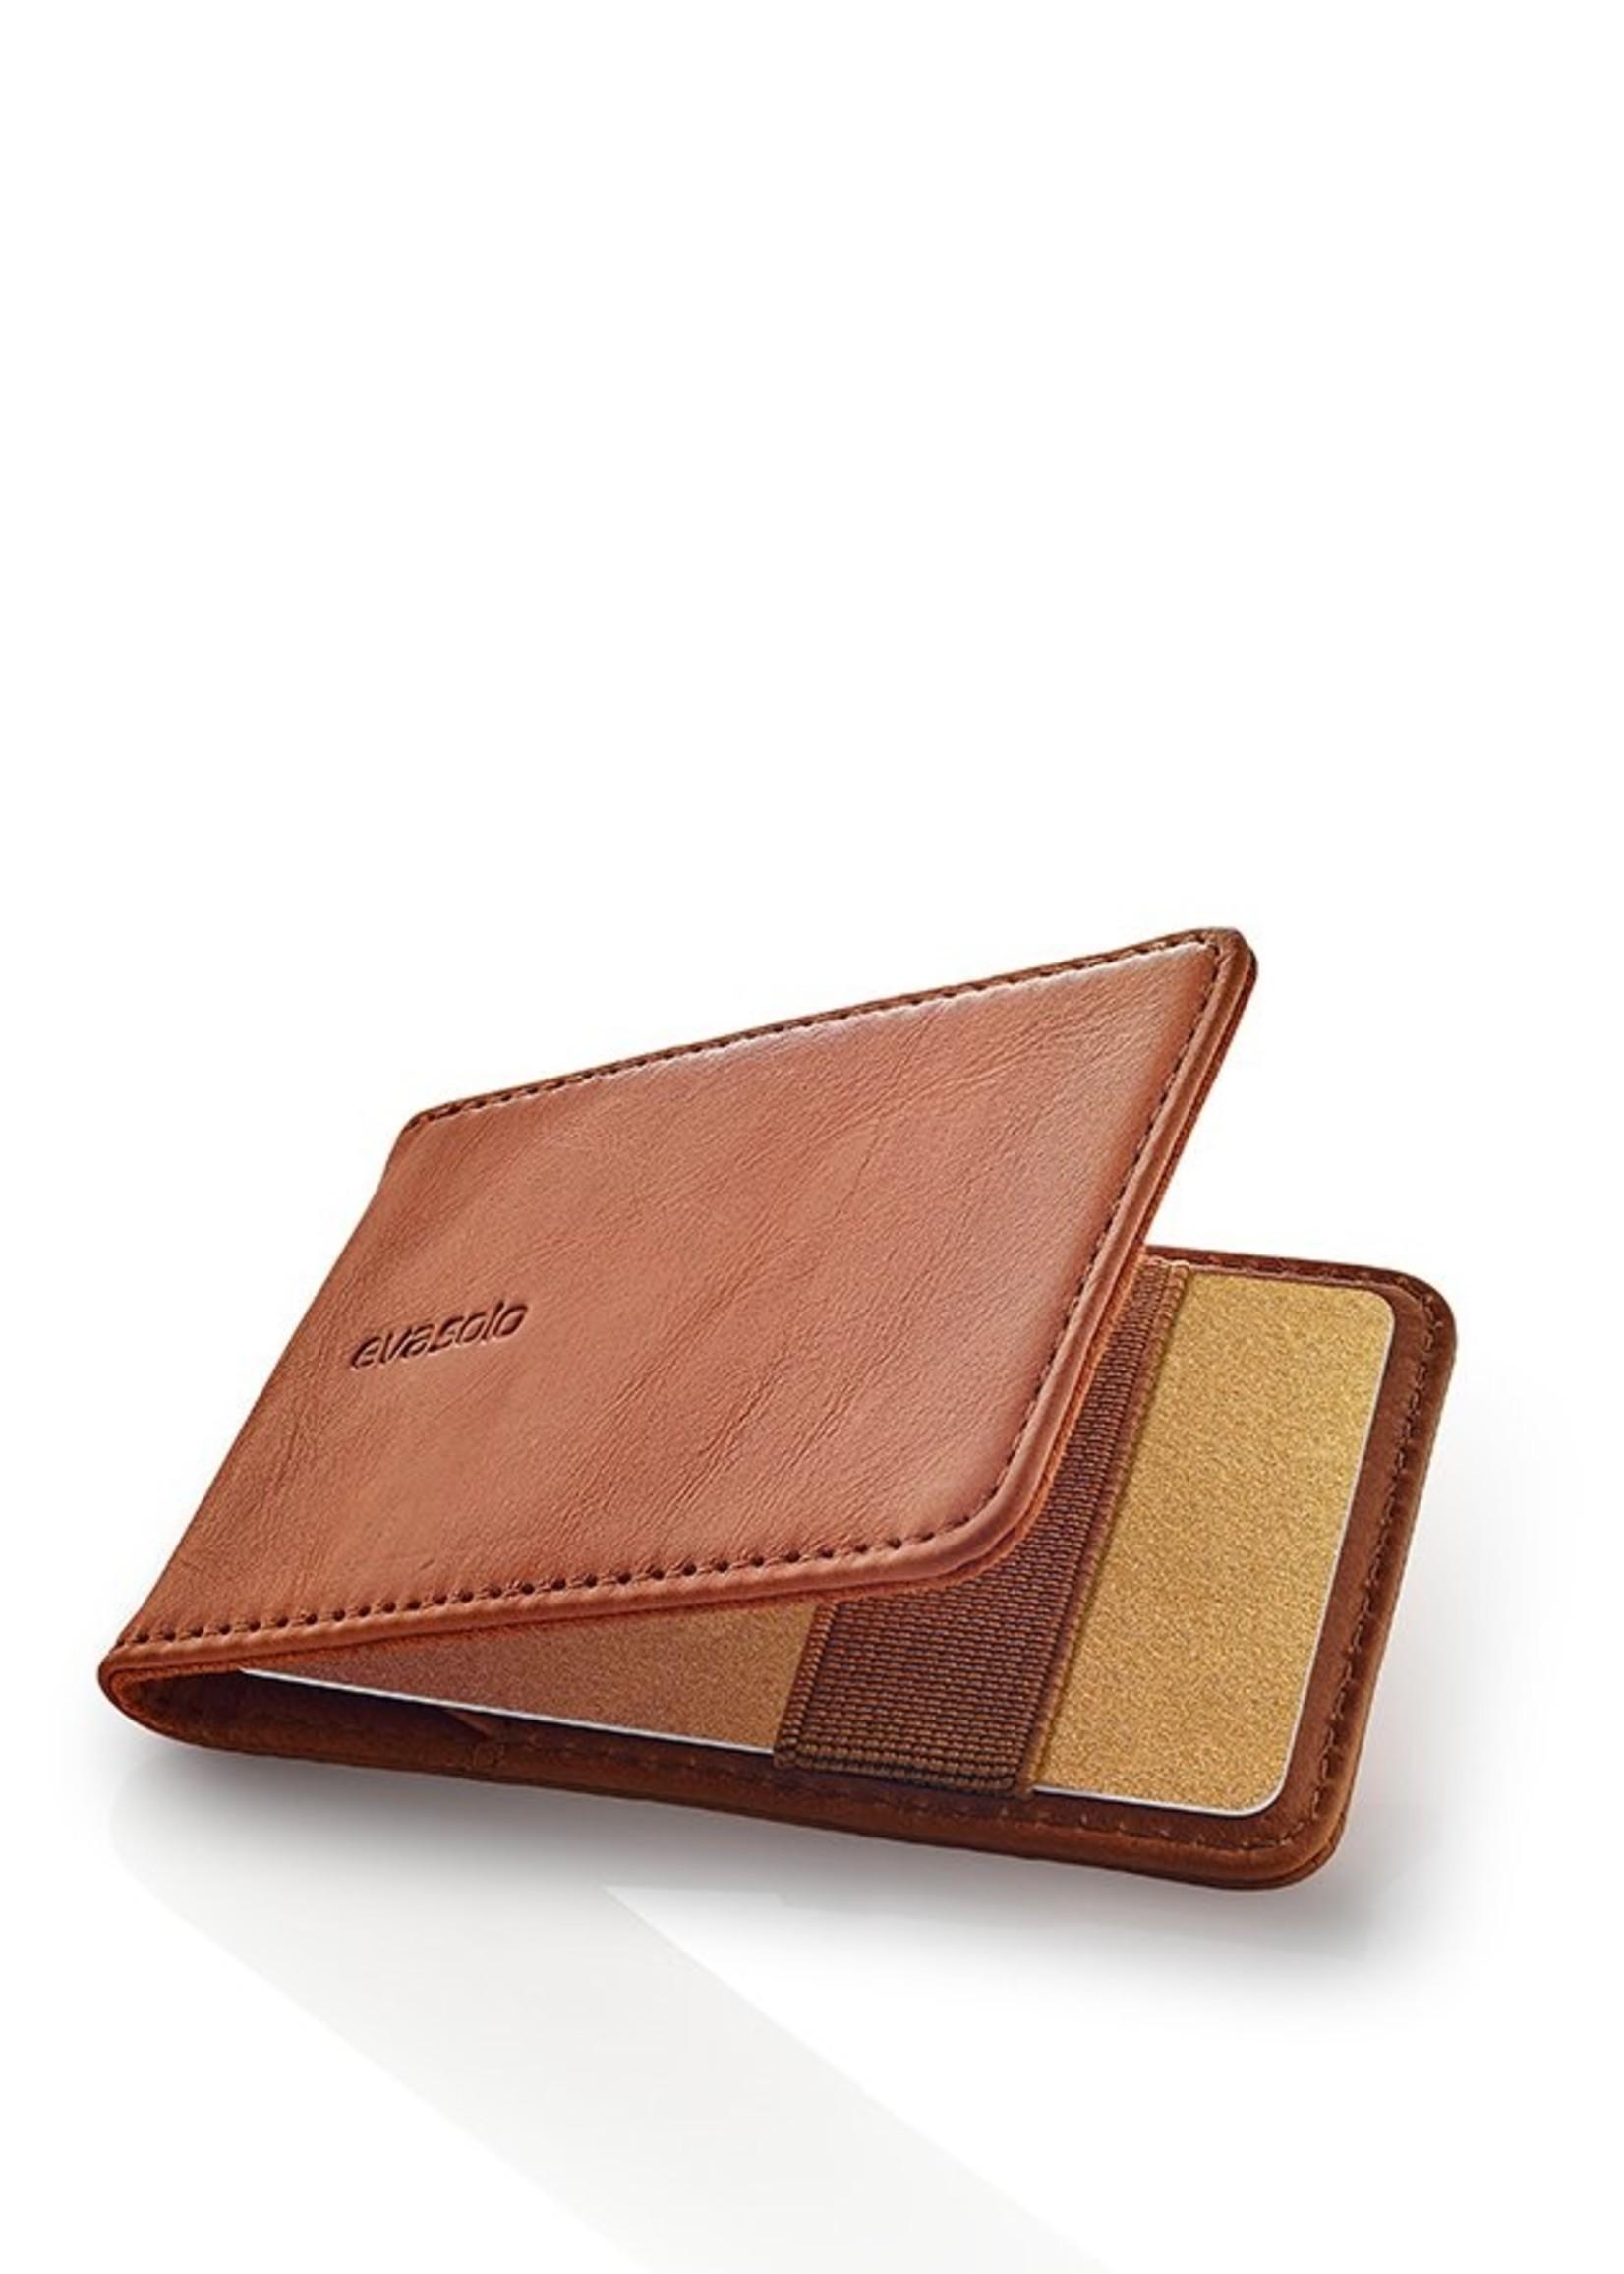 Eva Solo Credit card houder cognac